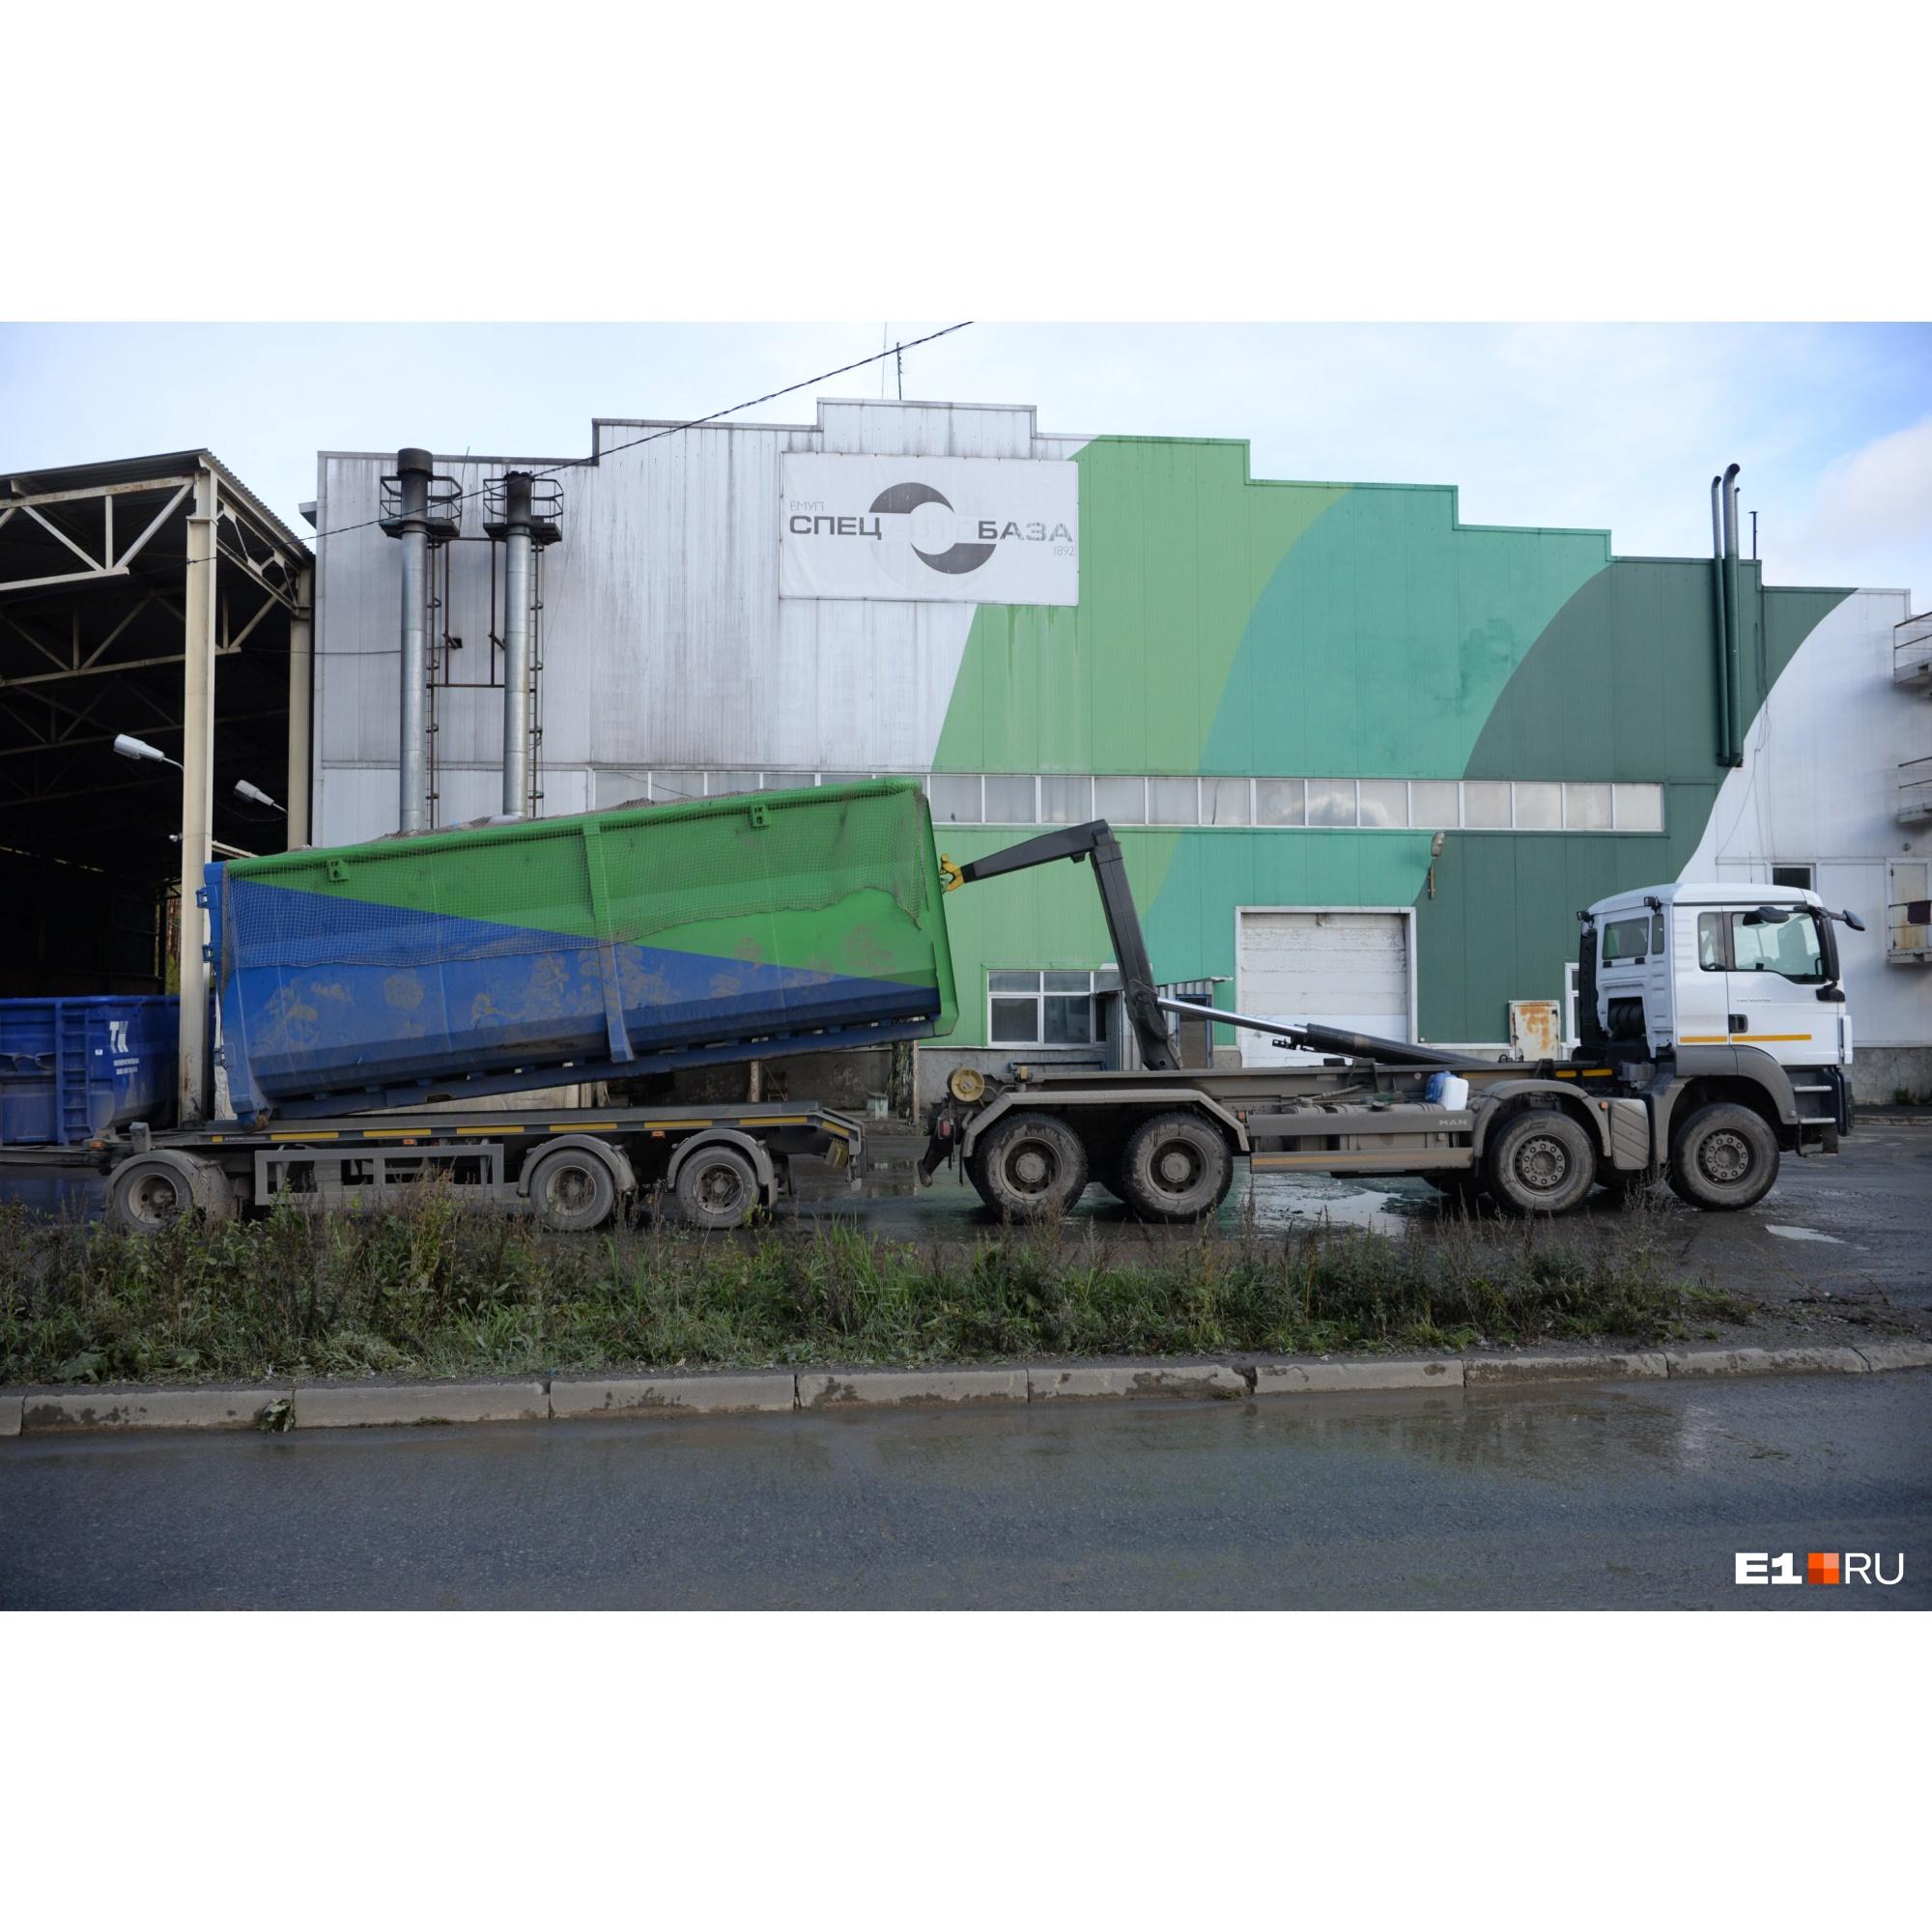 Мультилифт везет два таких контейнера за один прием